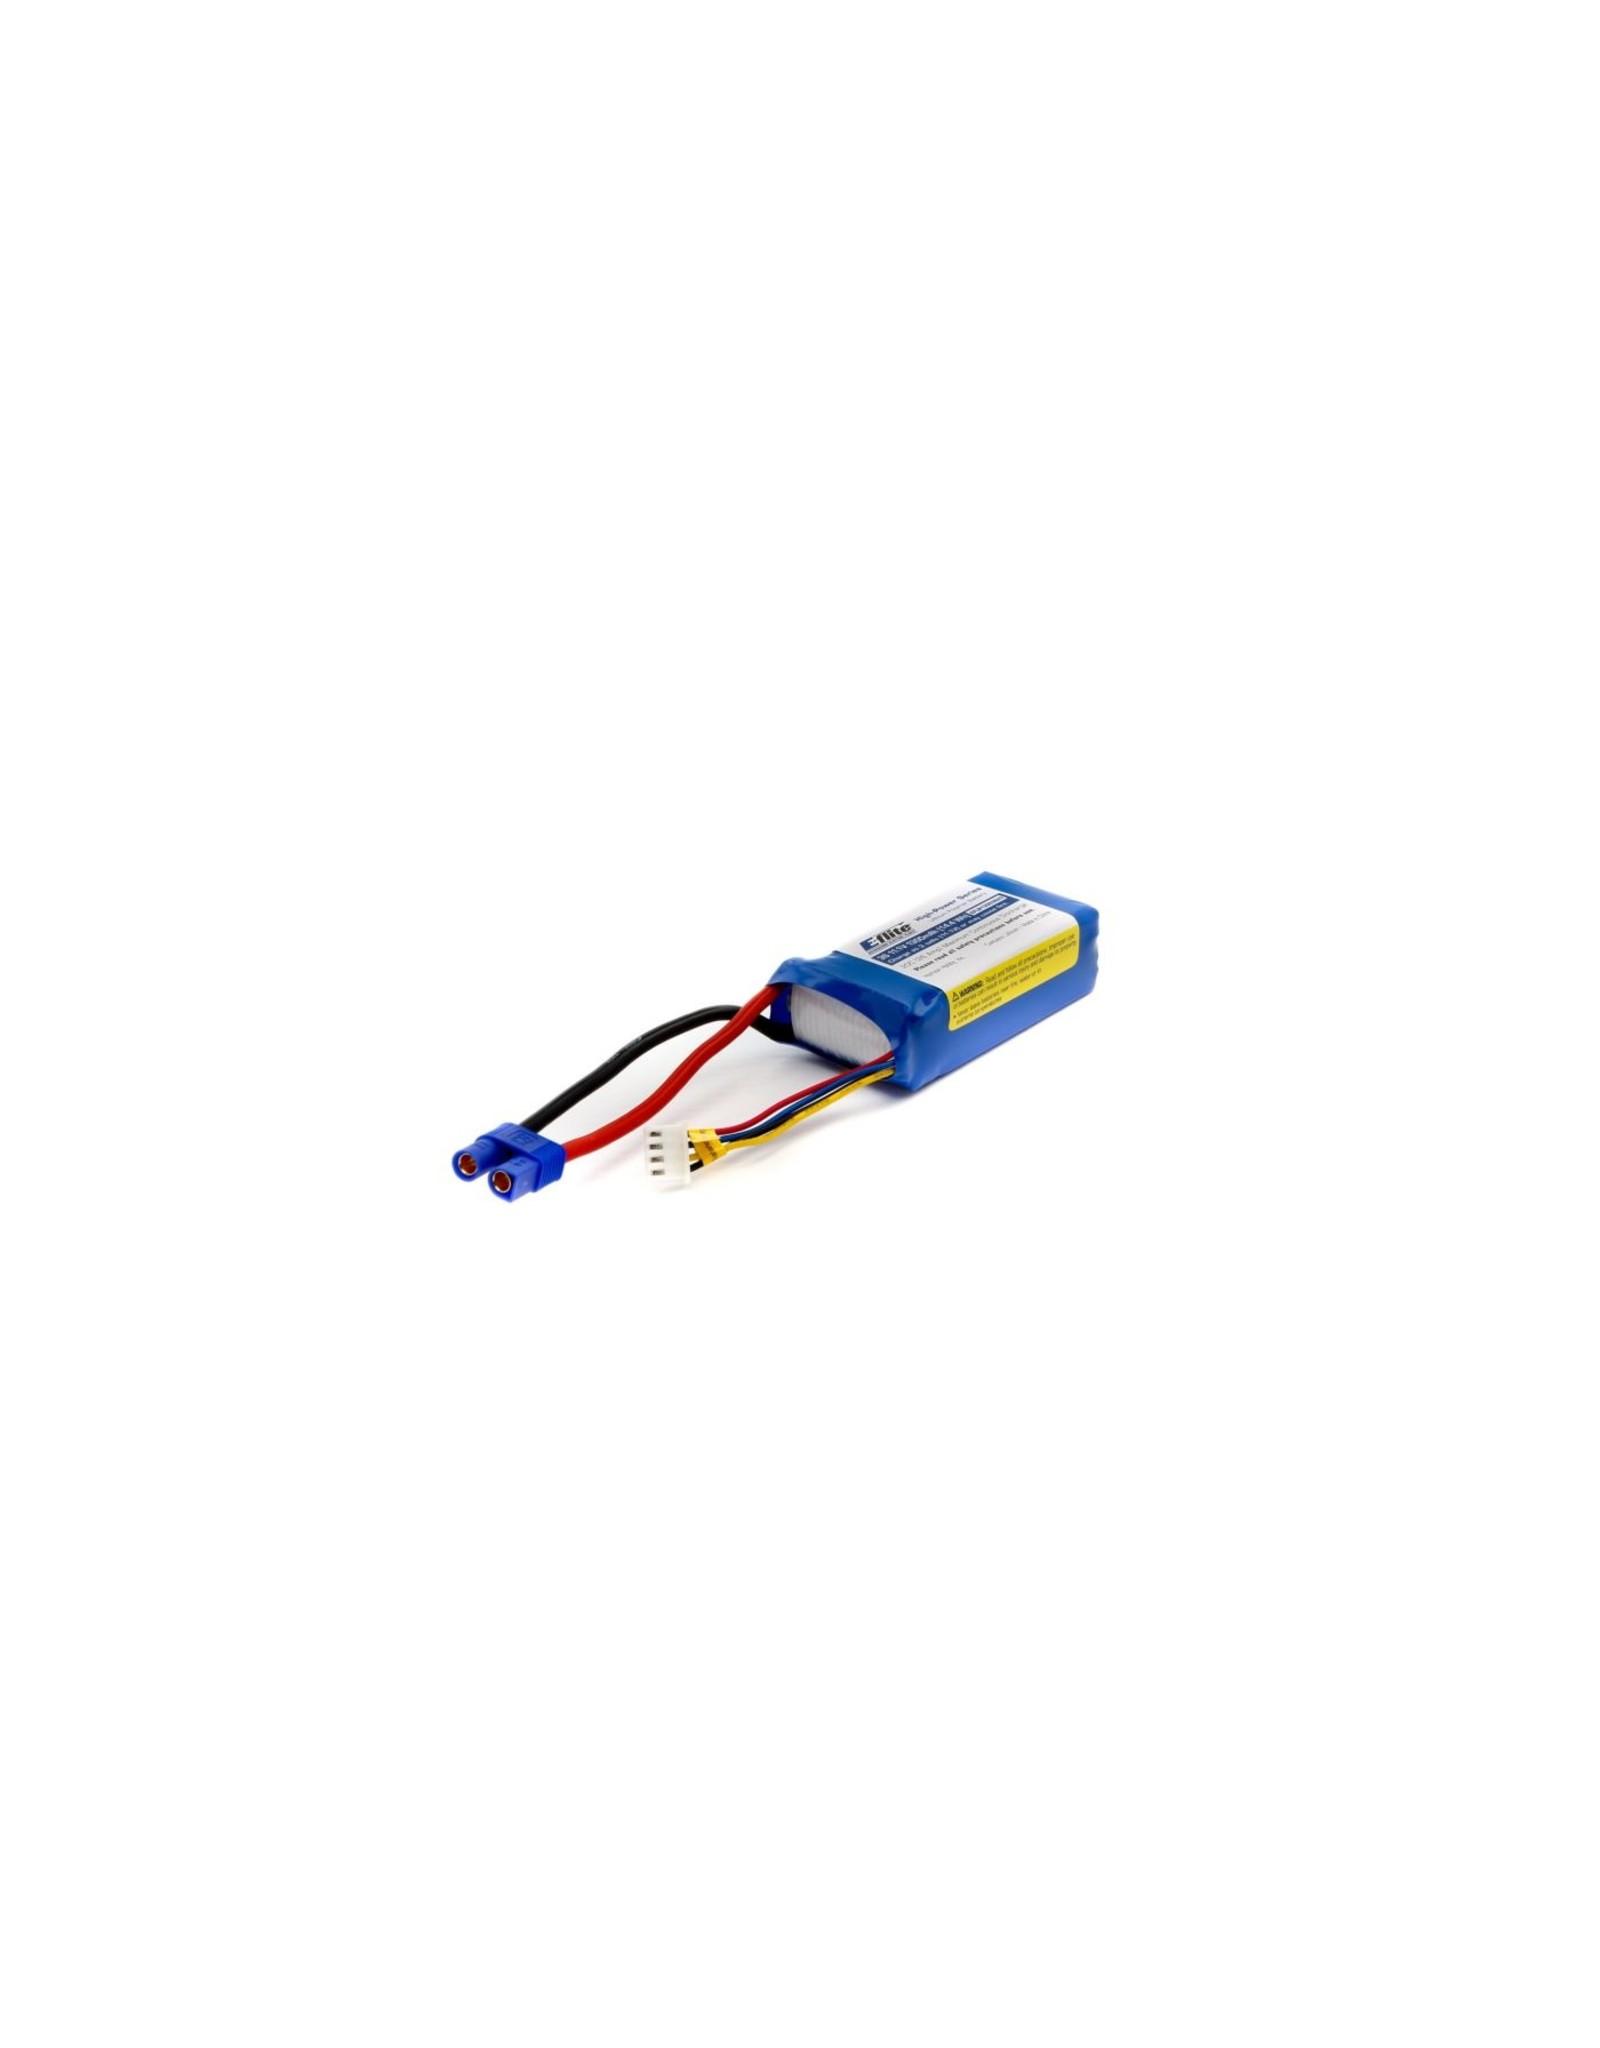 Eflite 1300mAh 3S 11.1V 20C LiPo: EC3  (EFLB13003S20)